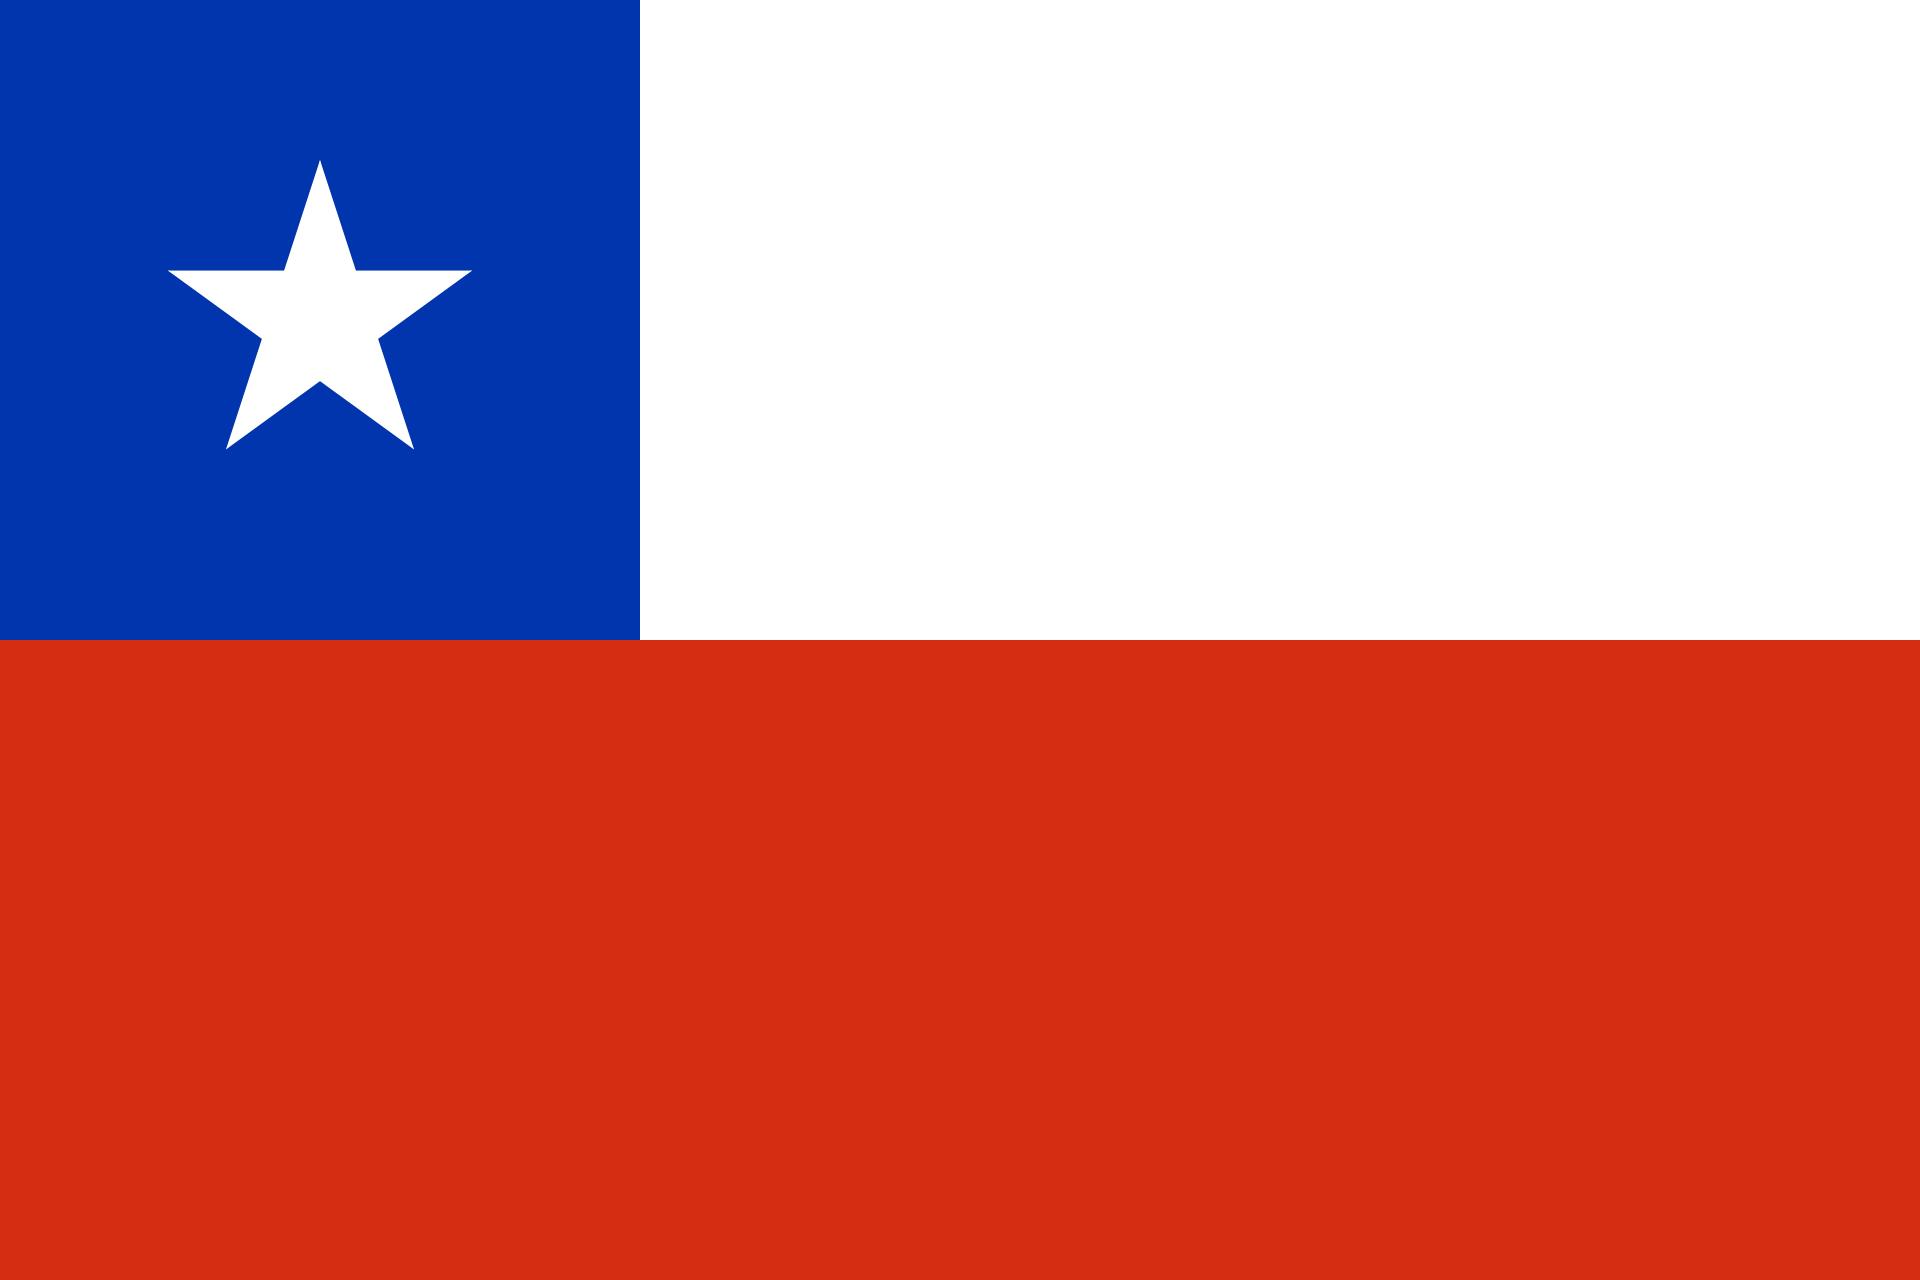 Chile Reise- und Länderinformation. Chile Flagge. Weiß, rot und blau mit einem weißen Stern in der blauen Fläche oben links